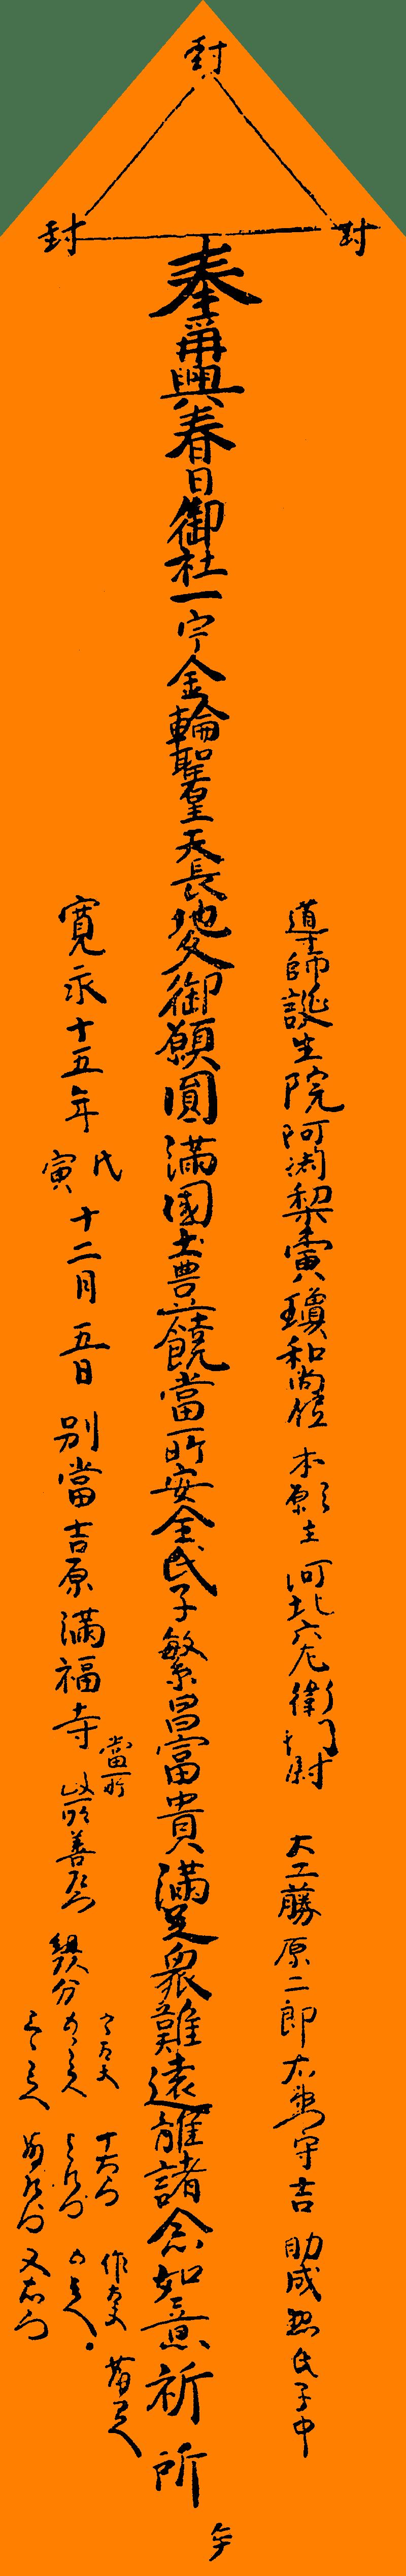 多度津町山階・春日神社 本殿棟札 表